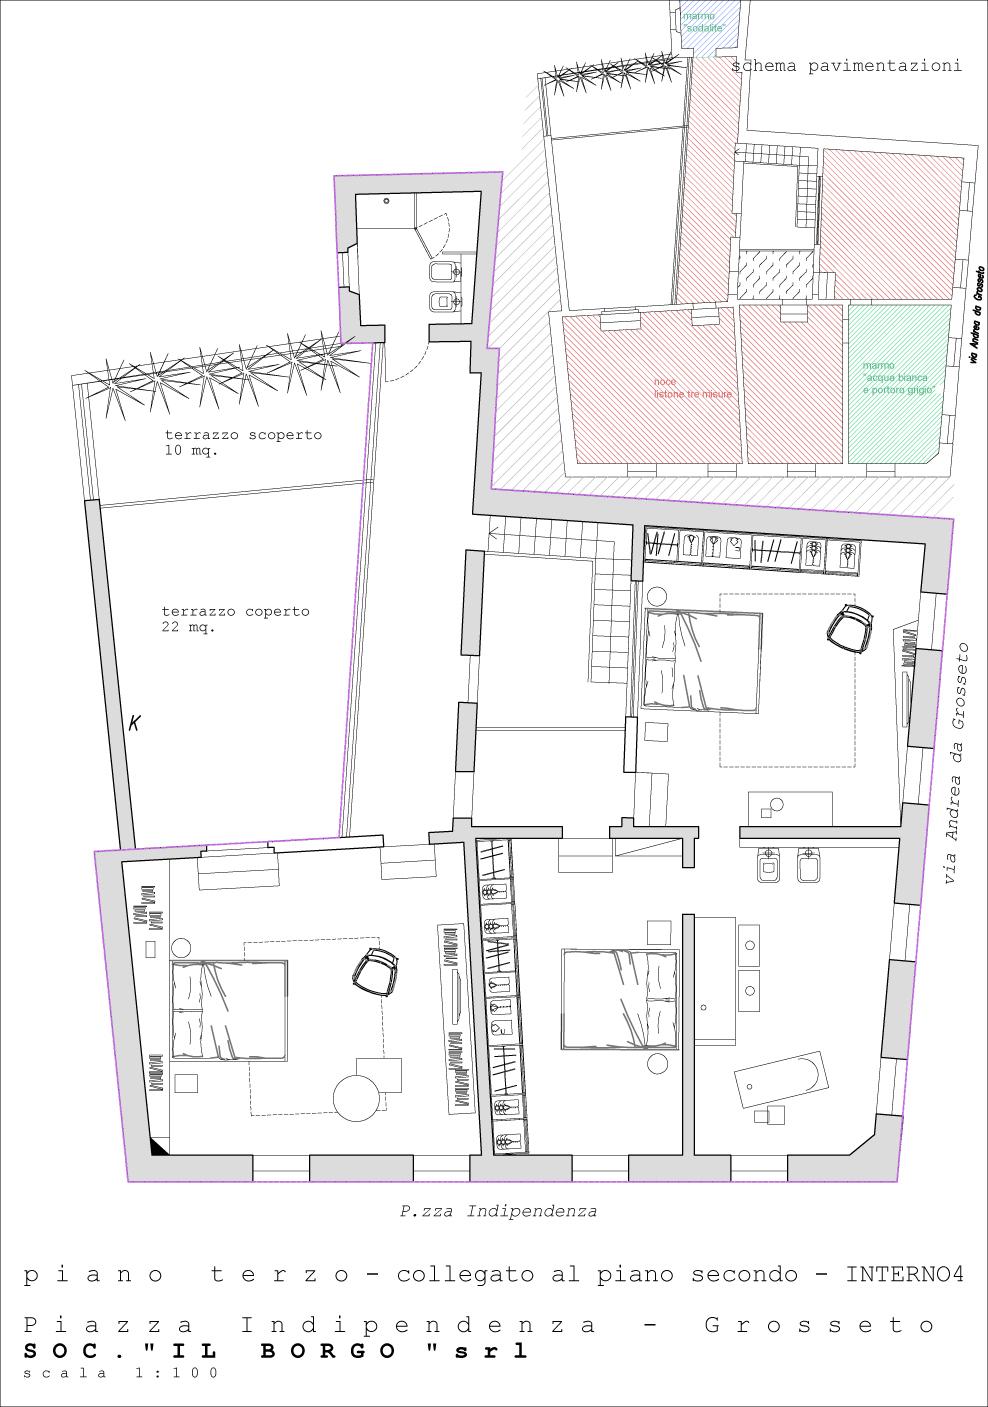 Interno 4 Attico Duplex palazzo Indipendenza